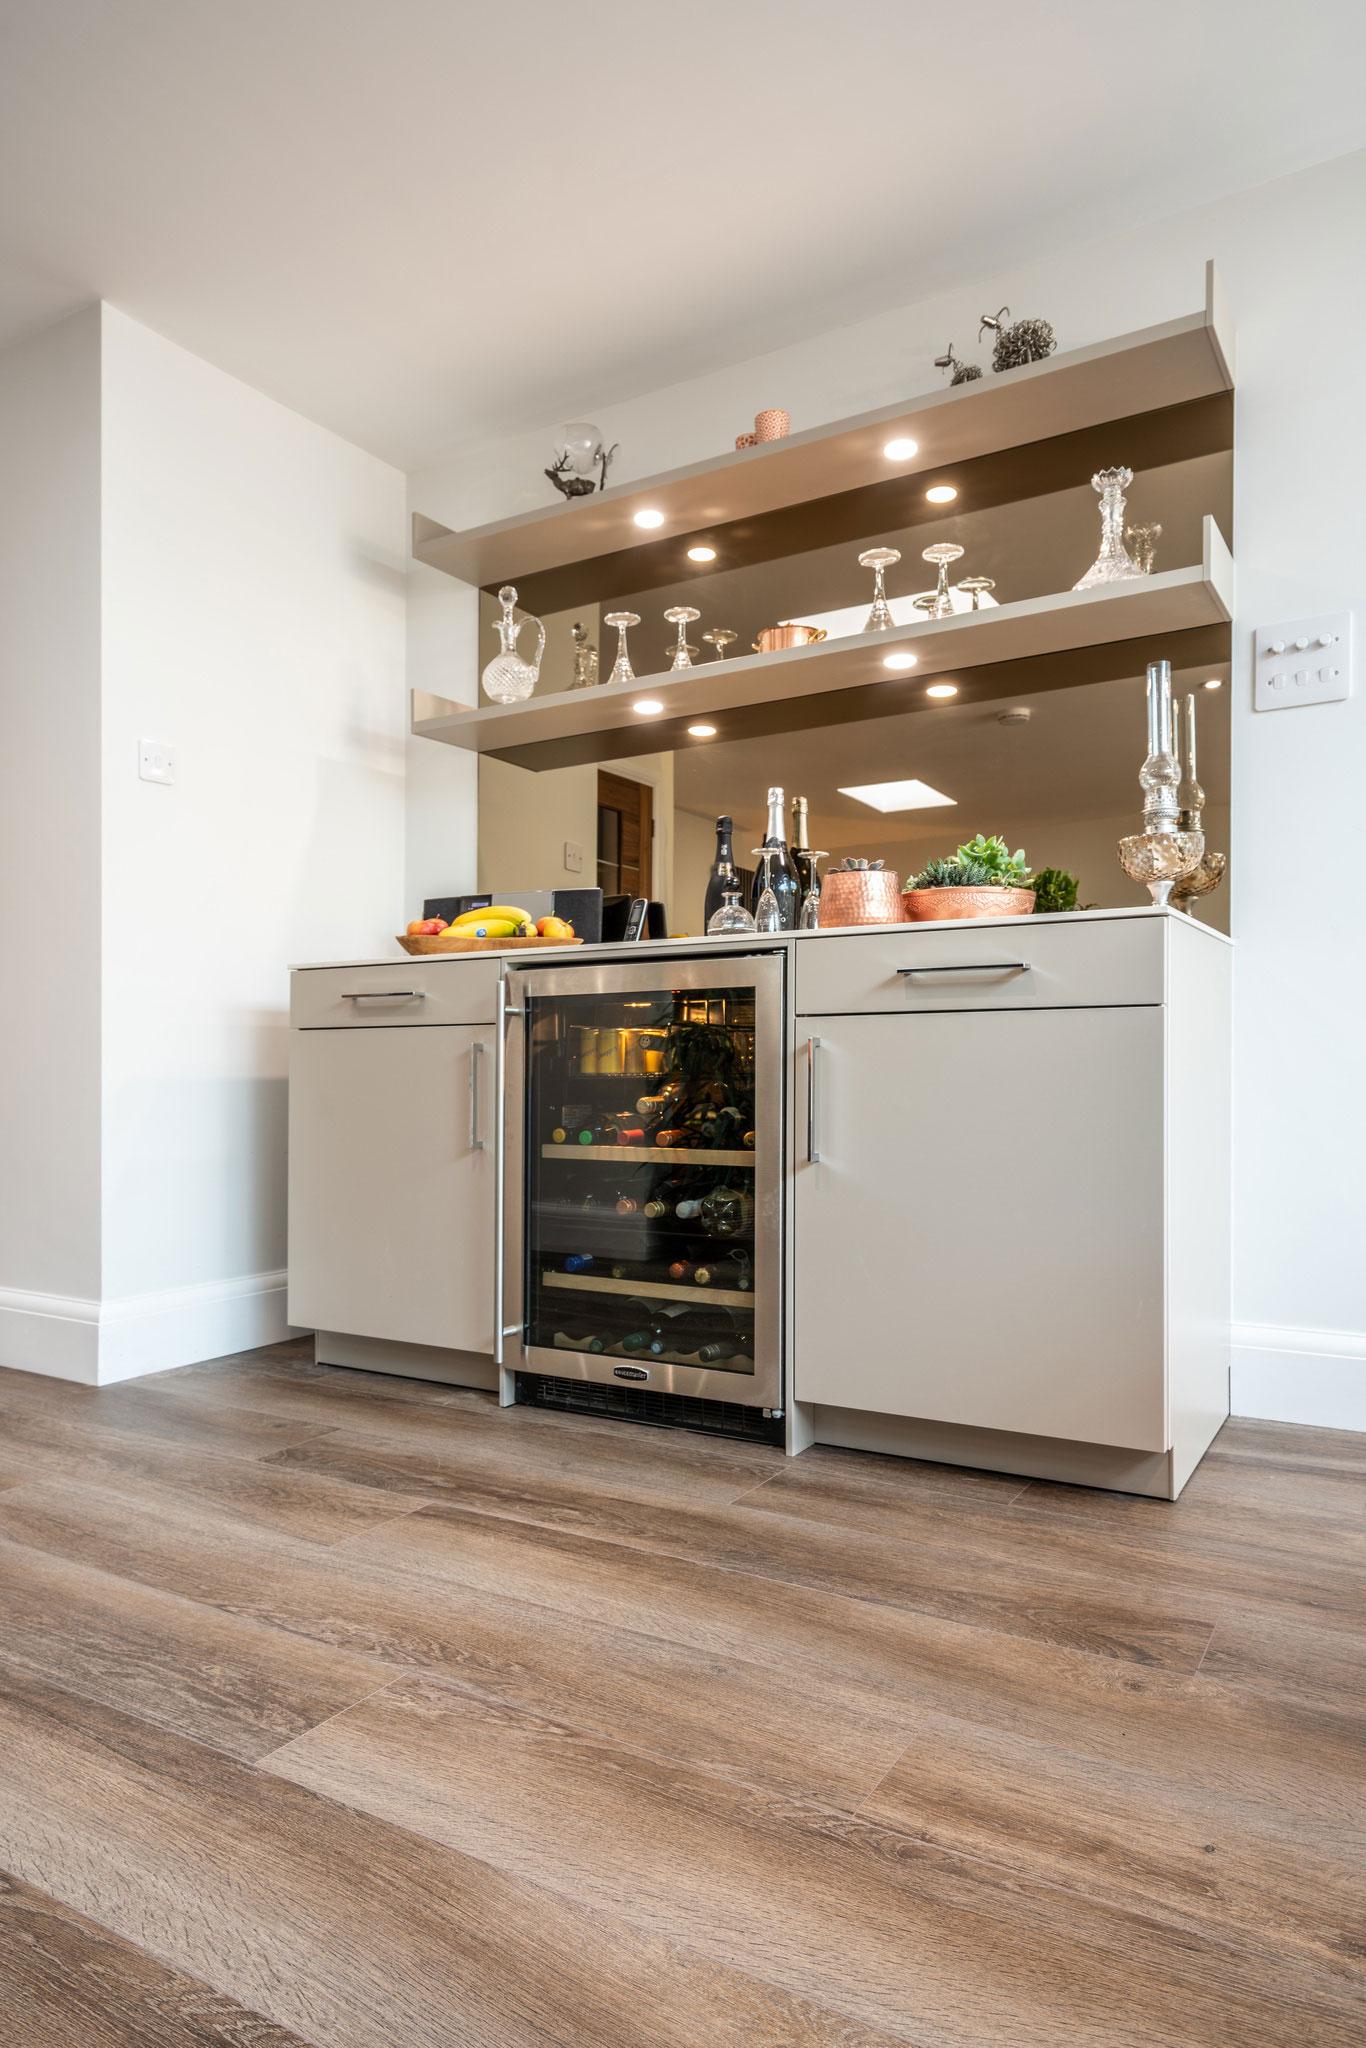 Image of Myers Touch Daniels Kitchen 01139 ZF 2442 14358 1 050 in Uno spazio progettato per socializzare - Cosentino